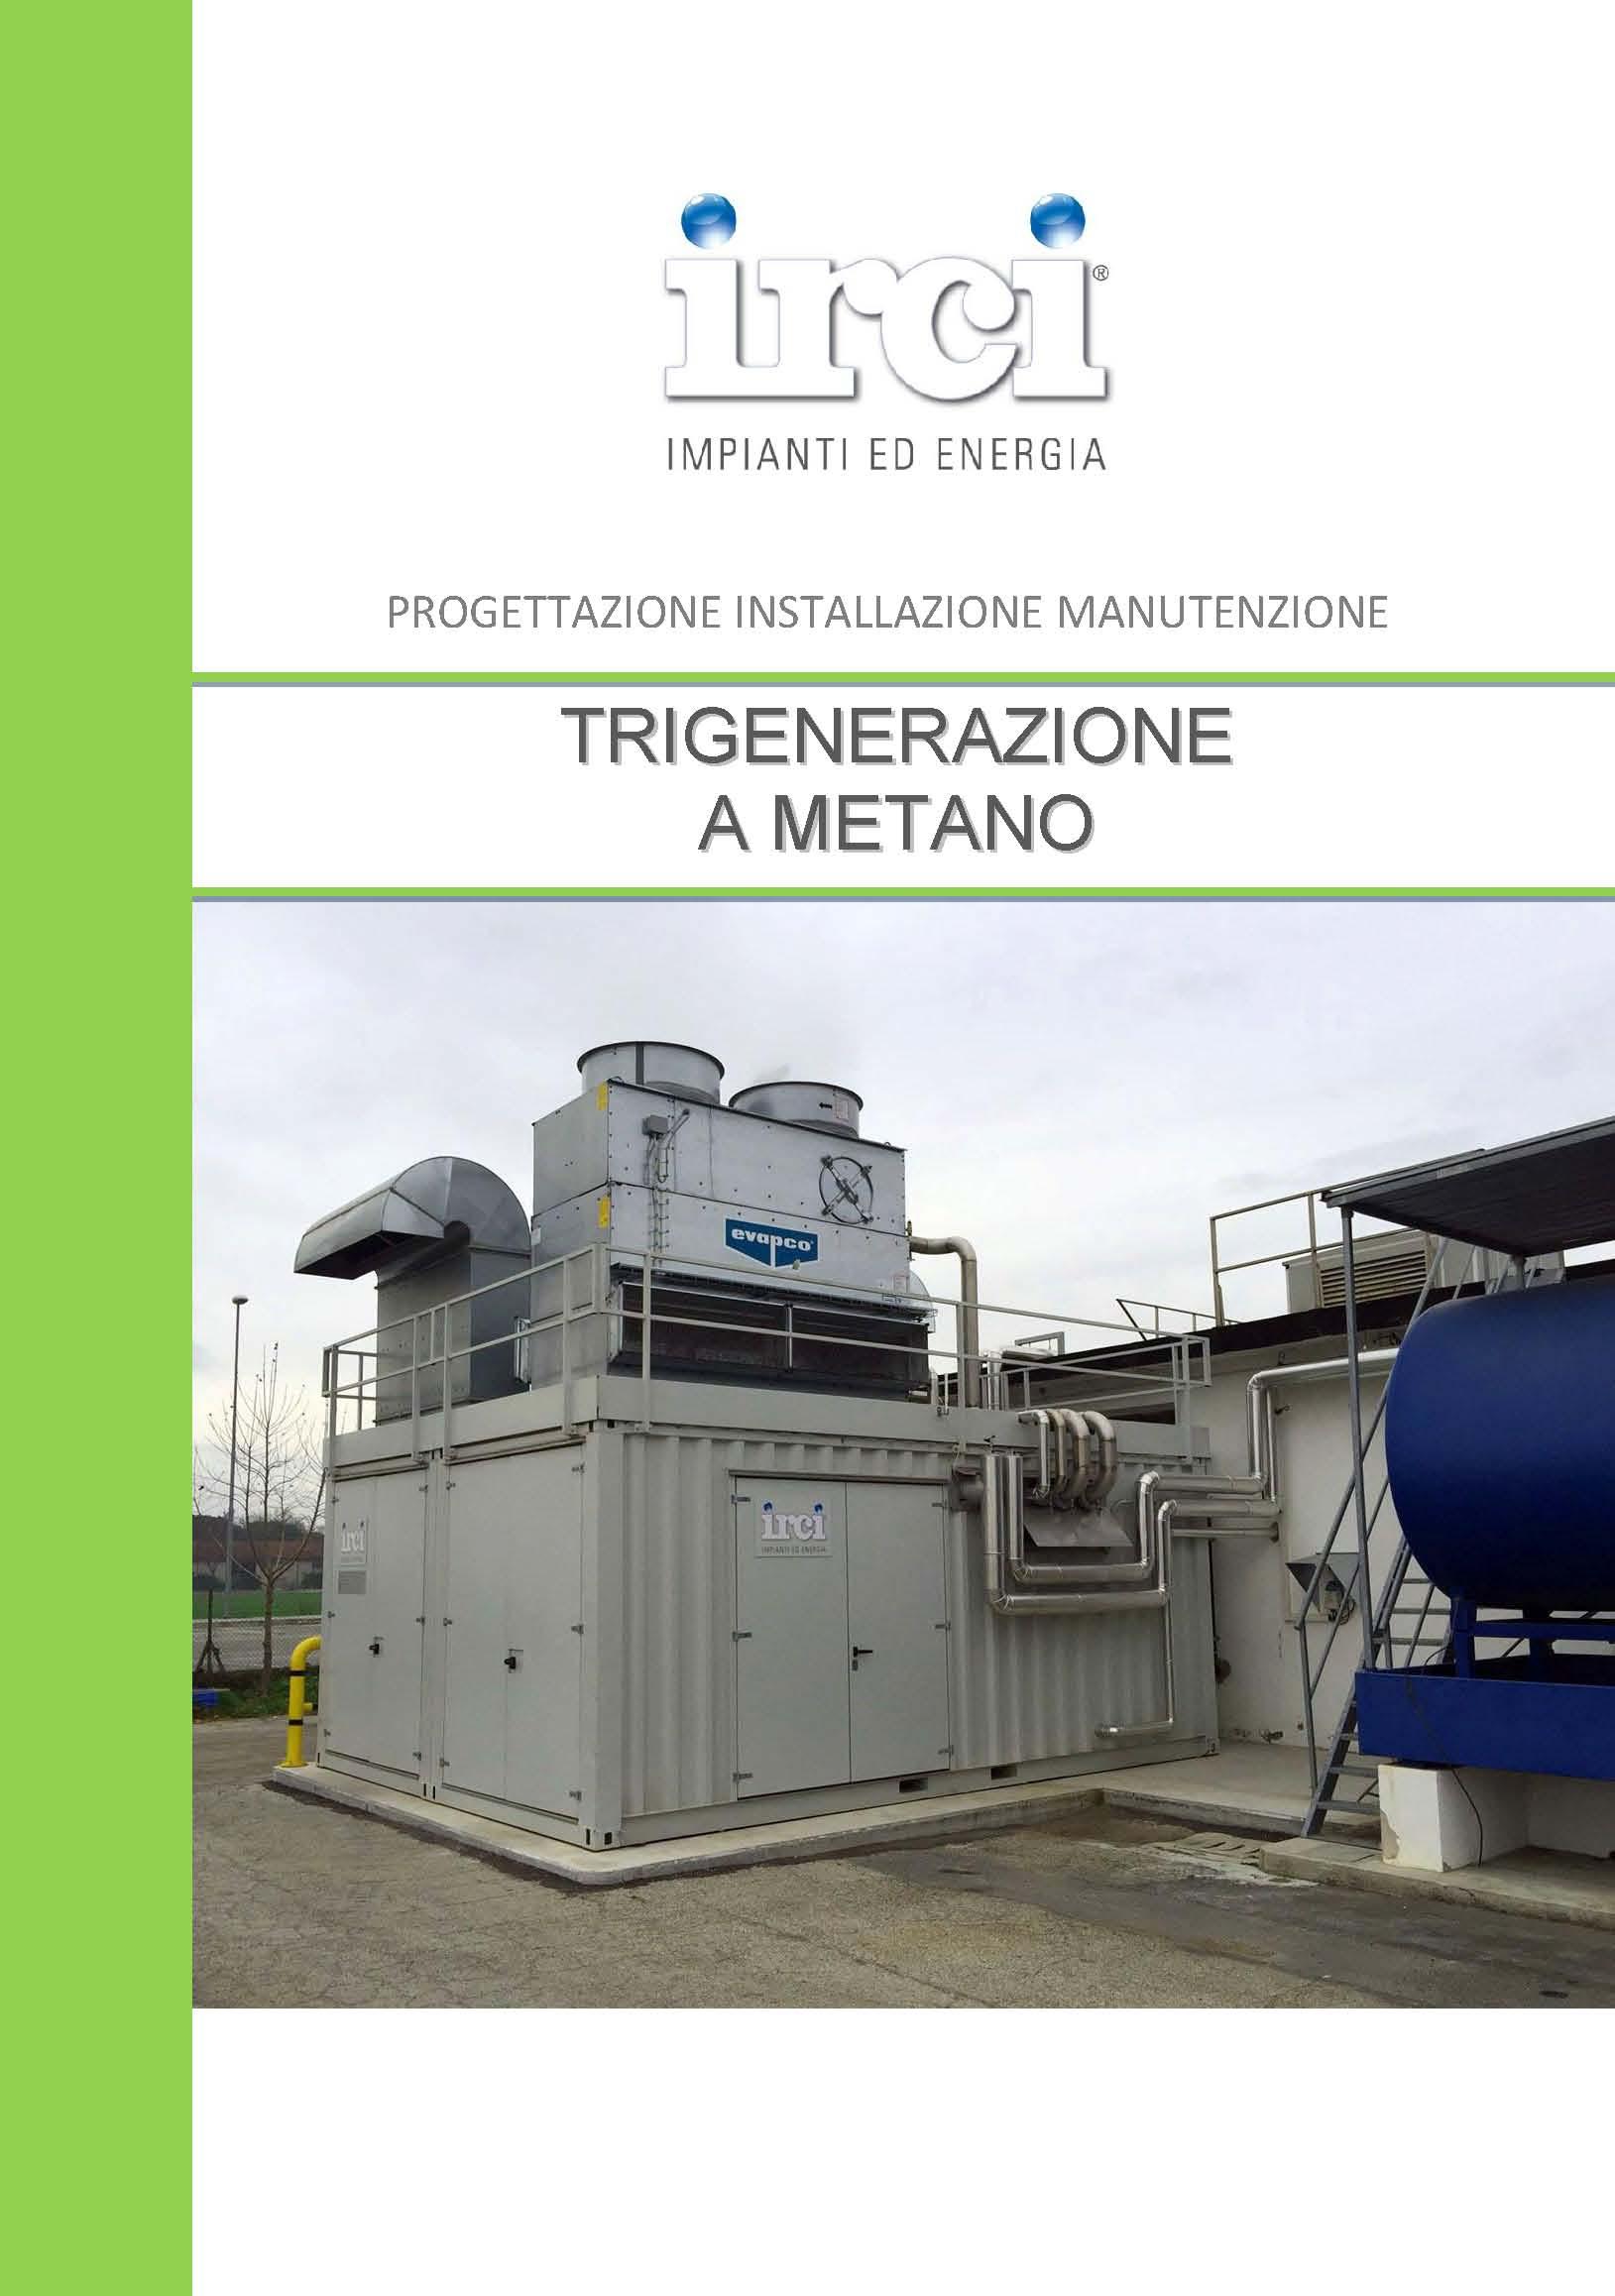 Scheda_Prodotto_Impianto_COGENERAZIONE-TRIGENERAZIONE_IRCISpA_Rev01_21-10-2013_Page_1